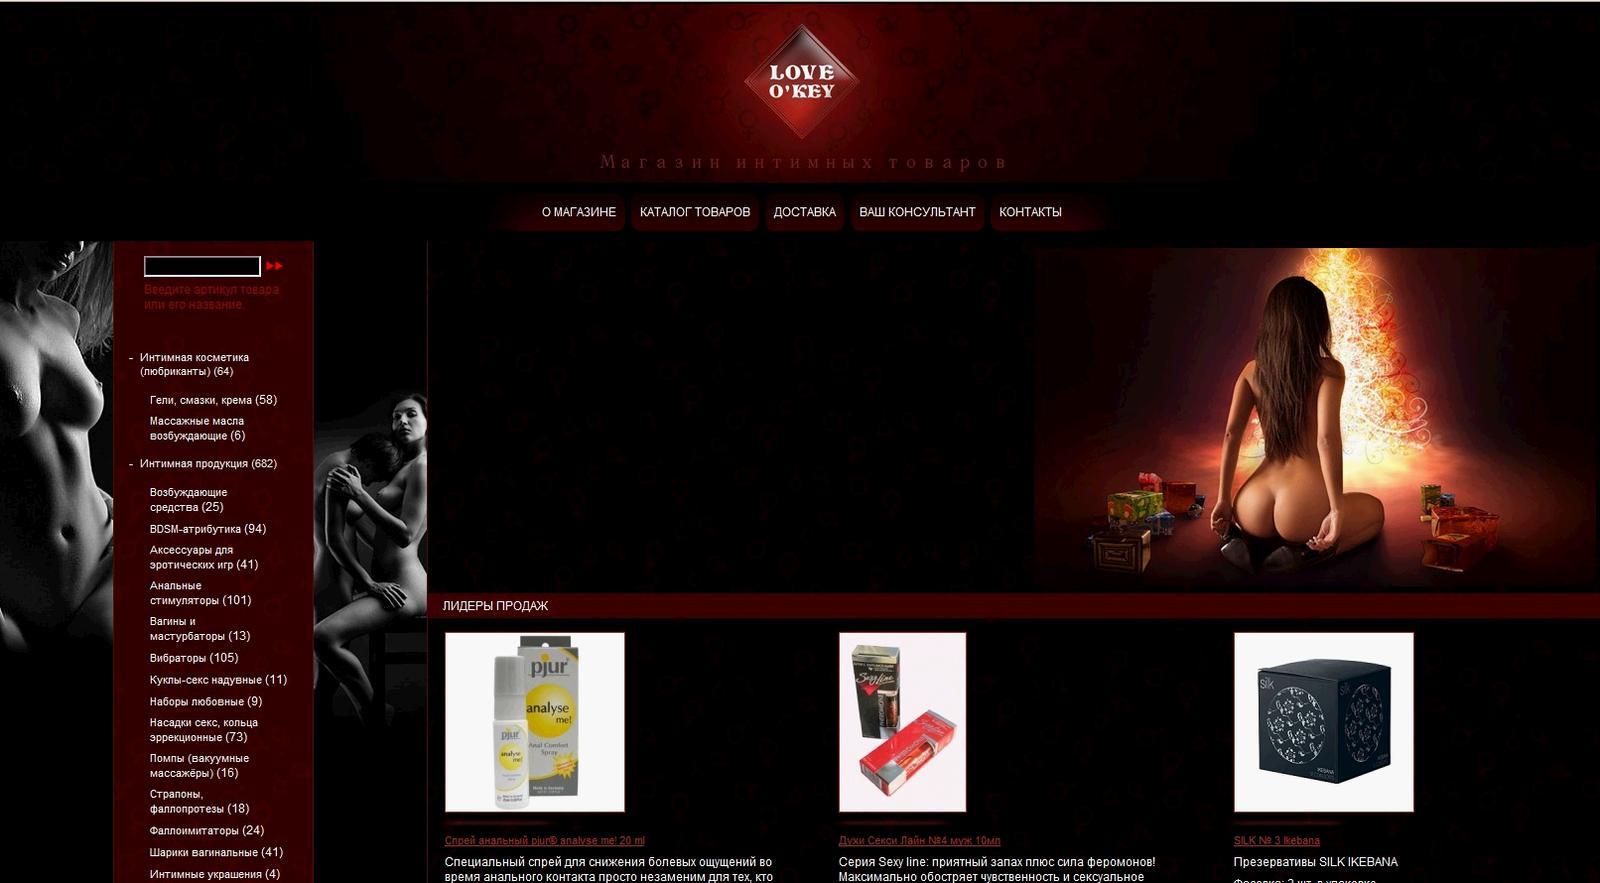 Текст на главную страницу Интернет-магазина интимных товаров (1600x883) наж